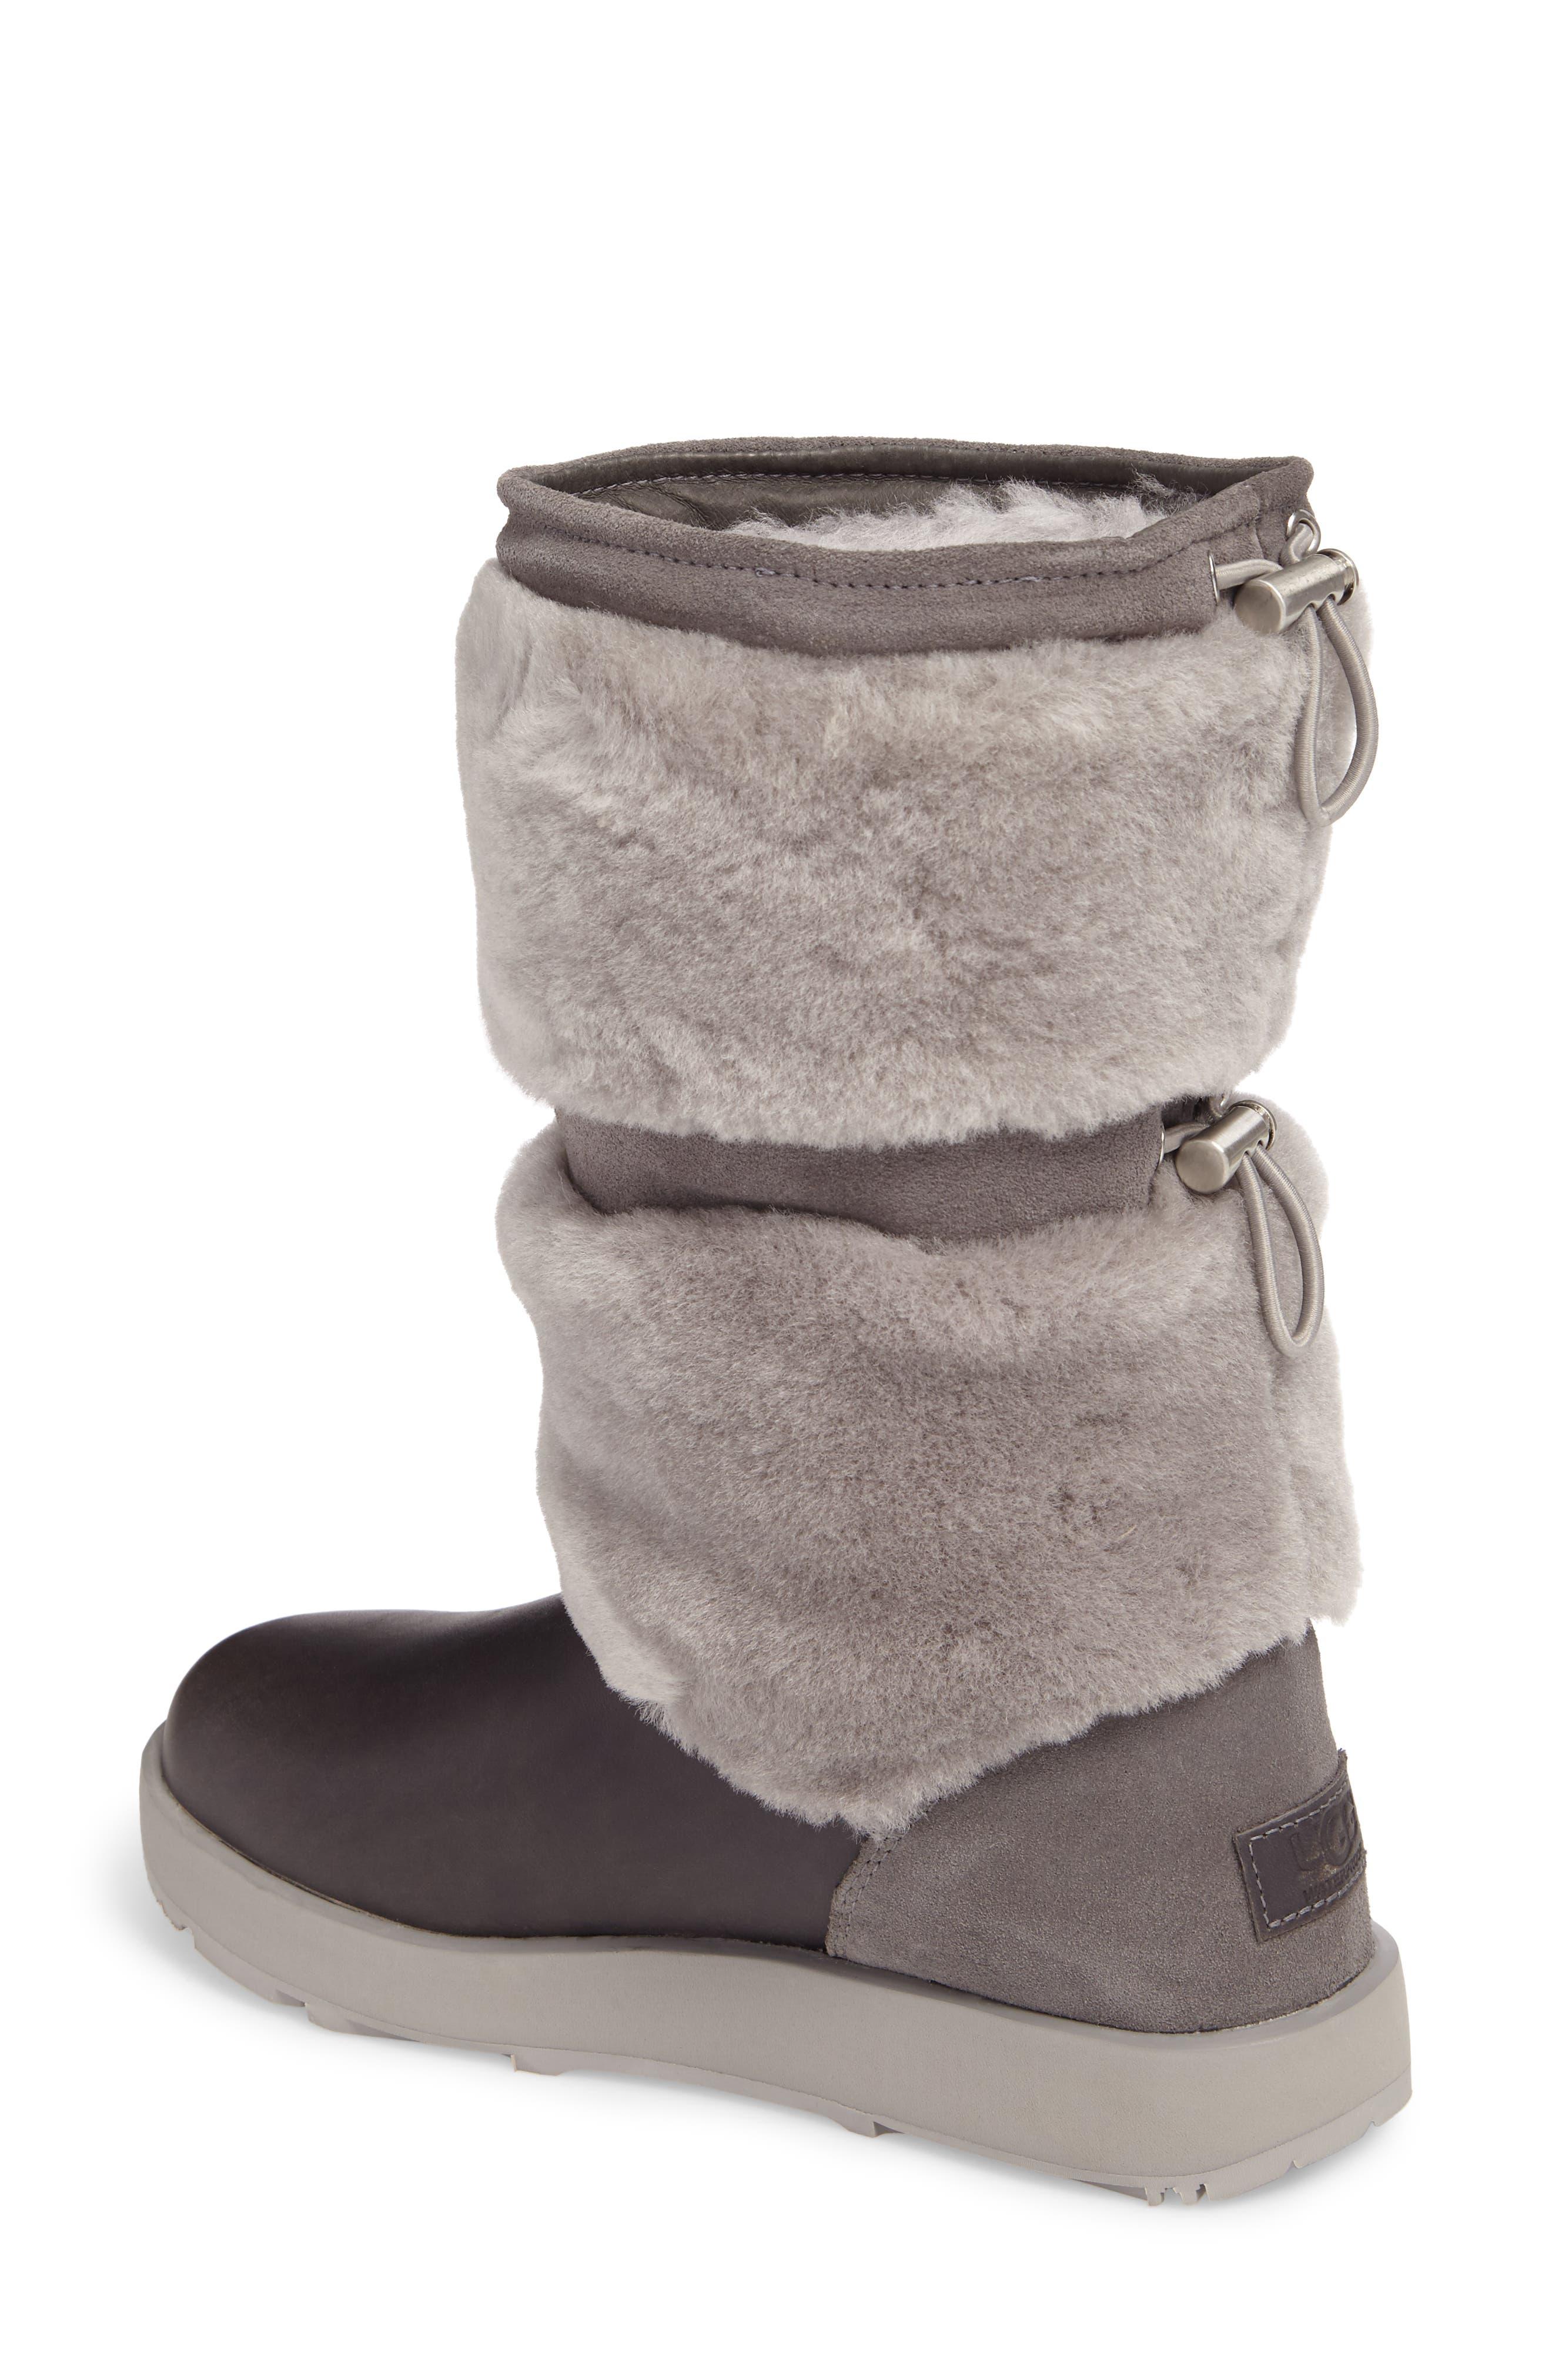 Reykir Waterproof Snow Boot,                             Alternate thumbnail 5, color,